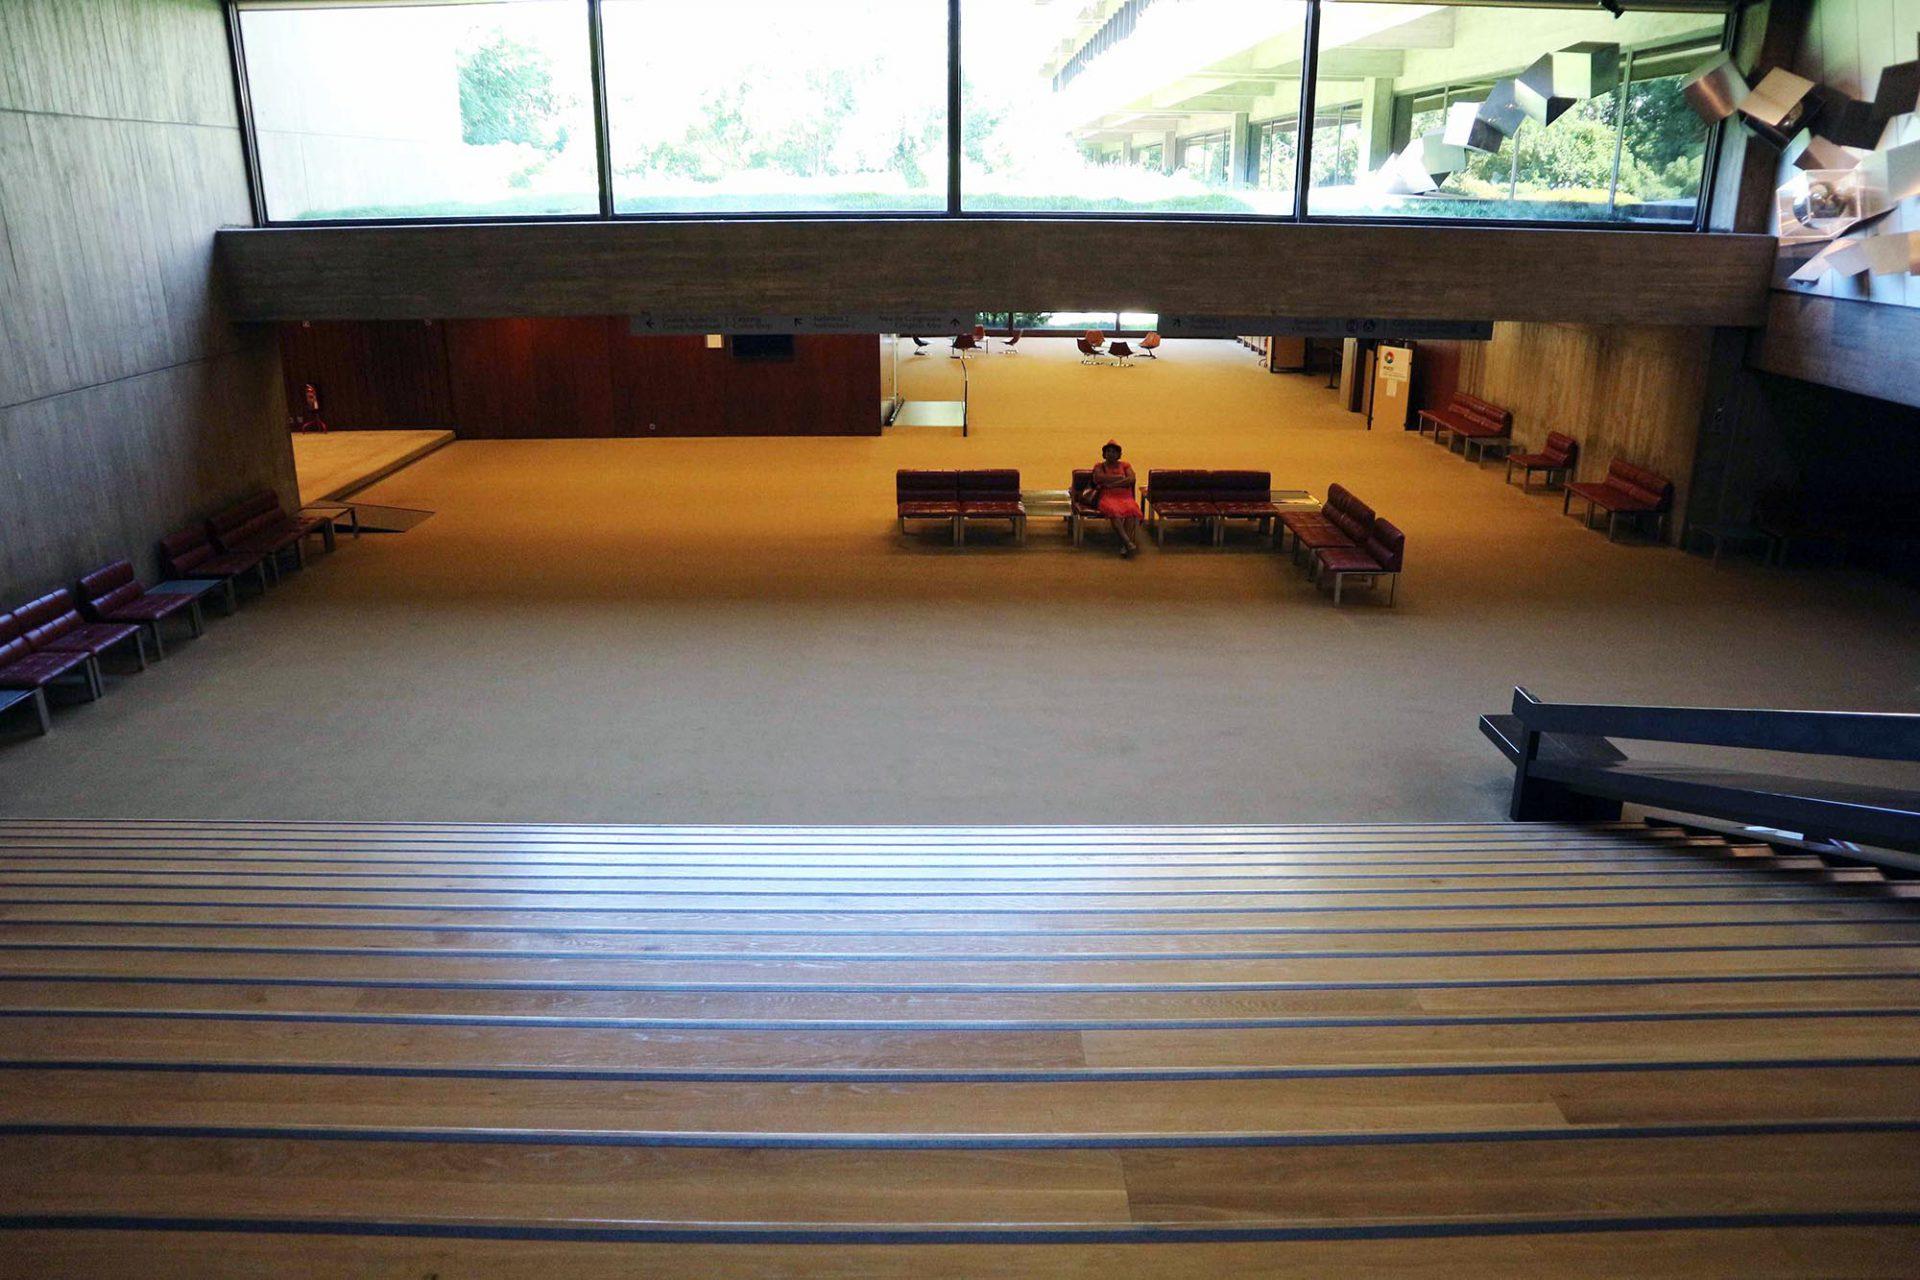 Der Stiftungssitz und das Auditorium. Eine breite Treppe fließt hinunter ins Foyer des Auditoriums.